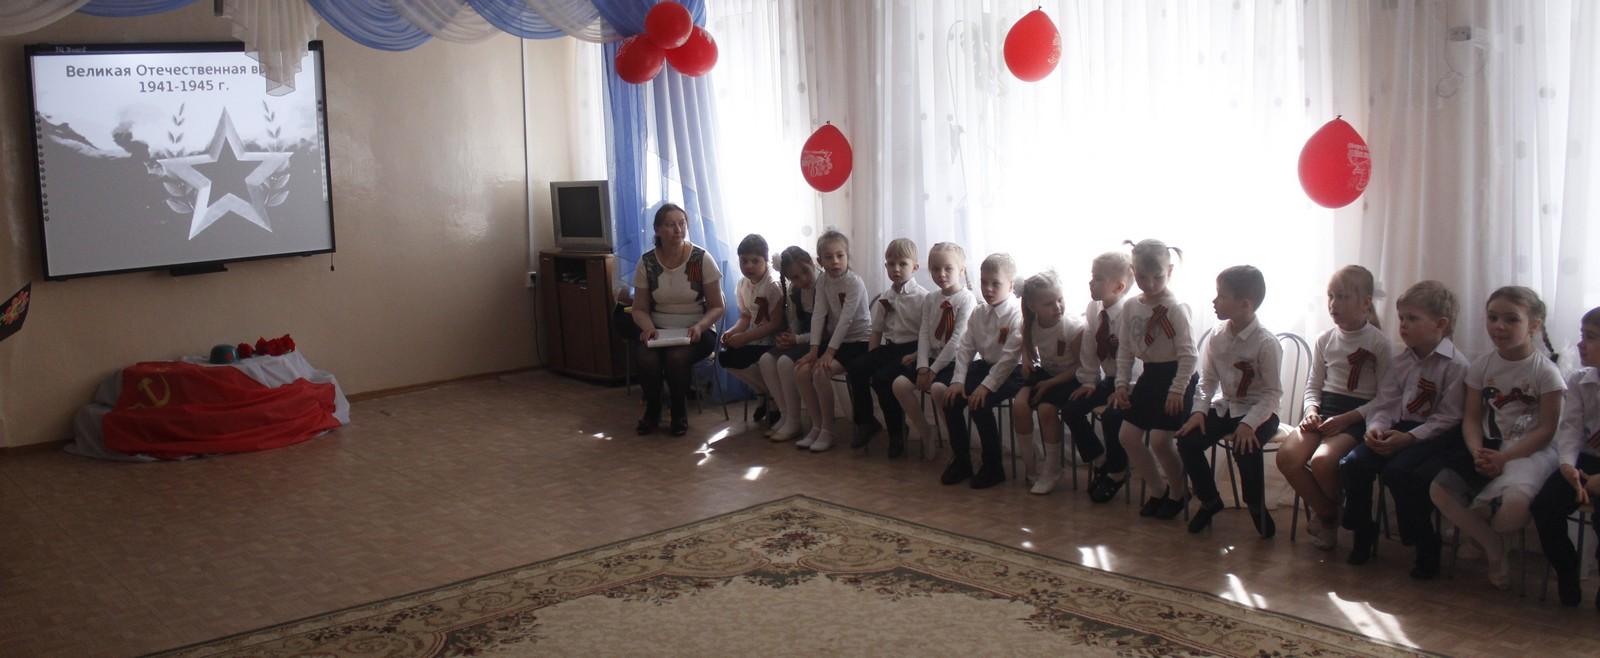 В детском саду №192 прошёл вечер памяти ветеранов (фоторепортаж)